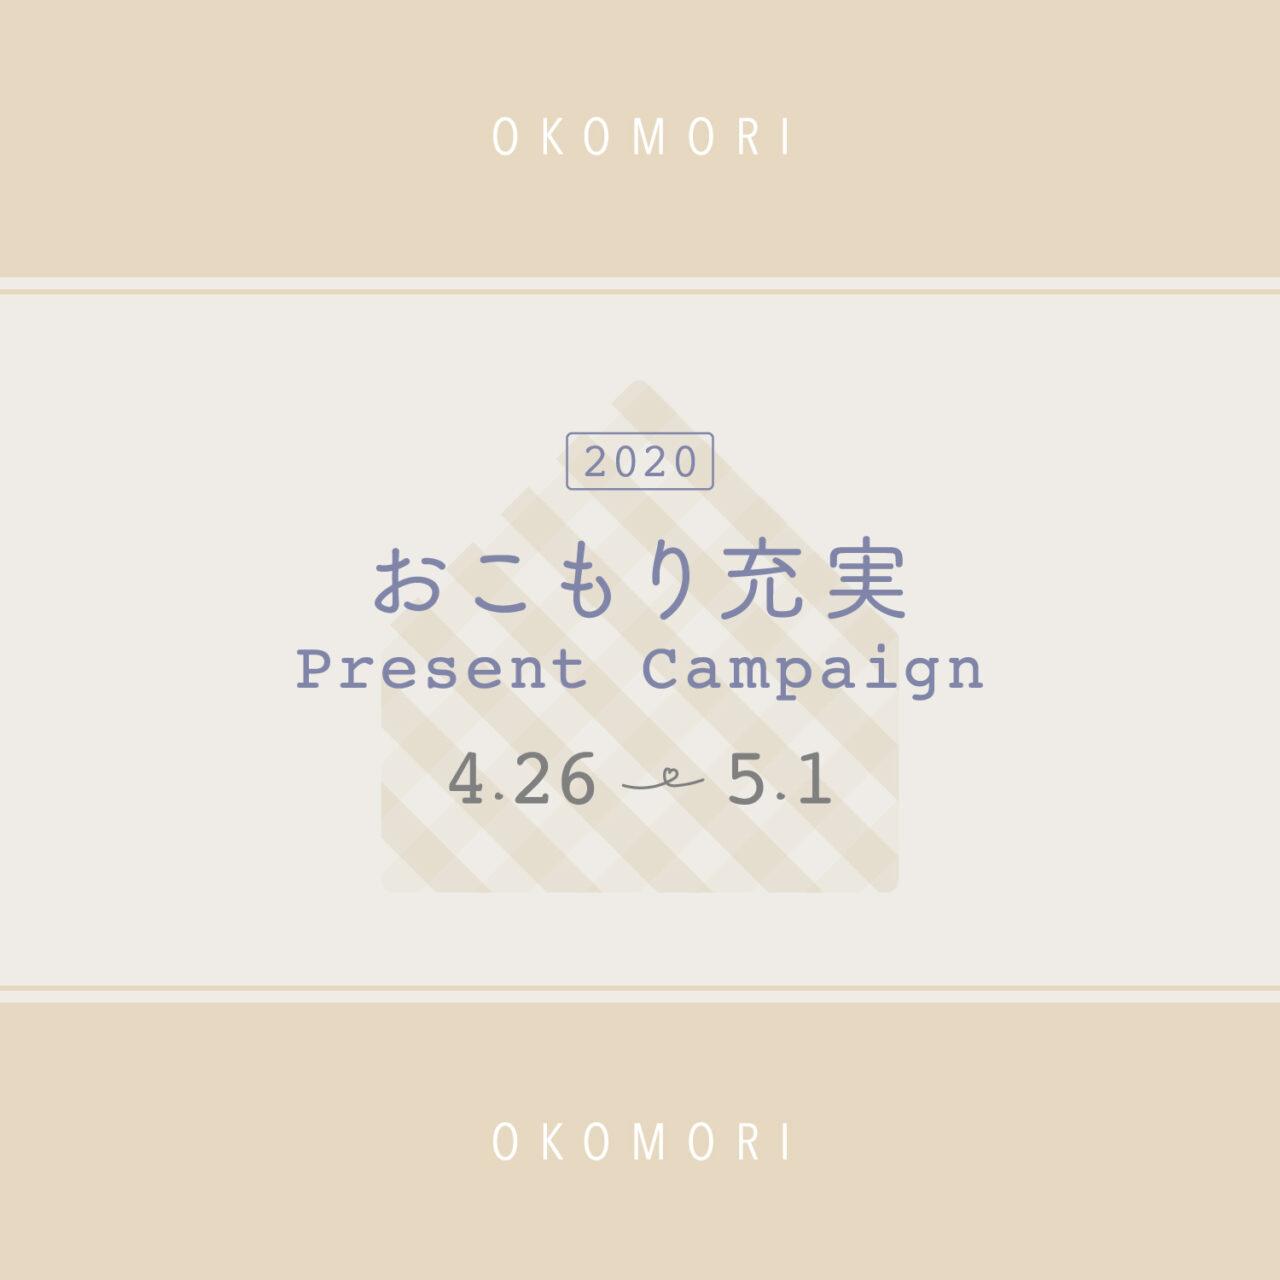 〔プレゼント・クーポン〕快適で特別な時間に。第1弾おこもり充実キャンペーン情報